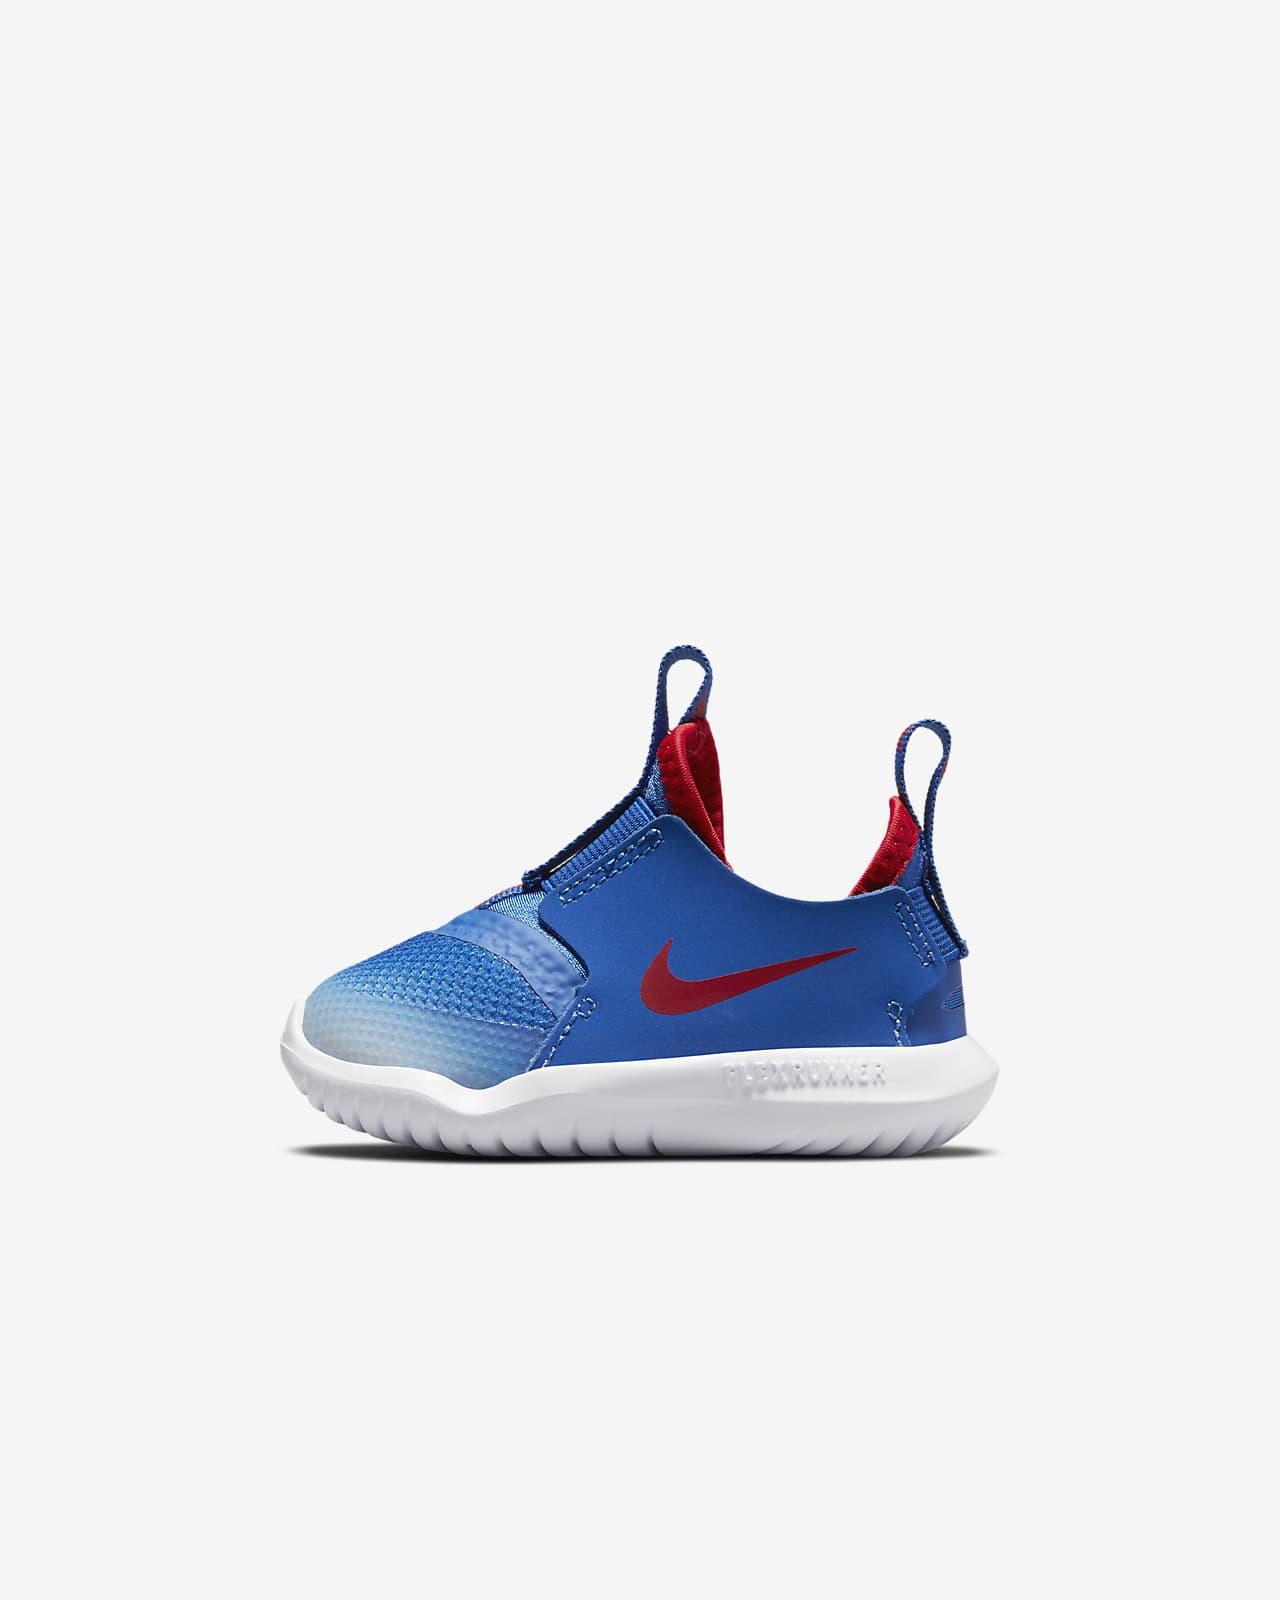 Παπούτσι Nike Flex Runner για βρέφη και νήπια